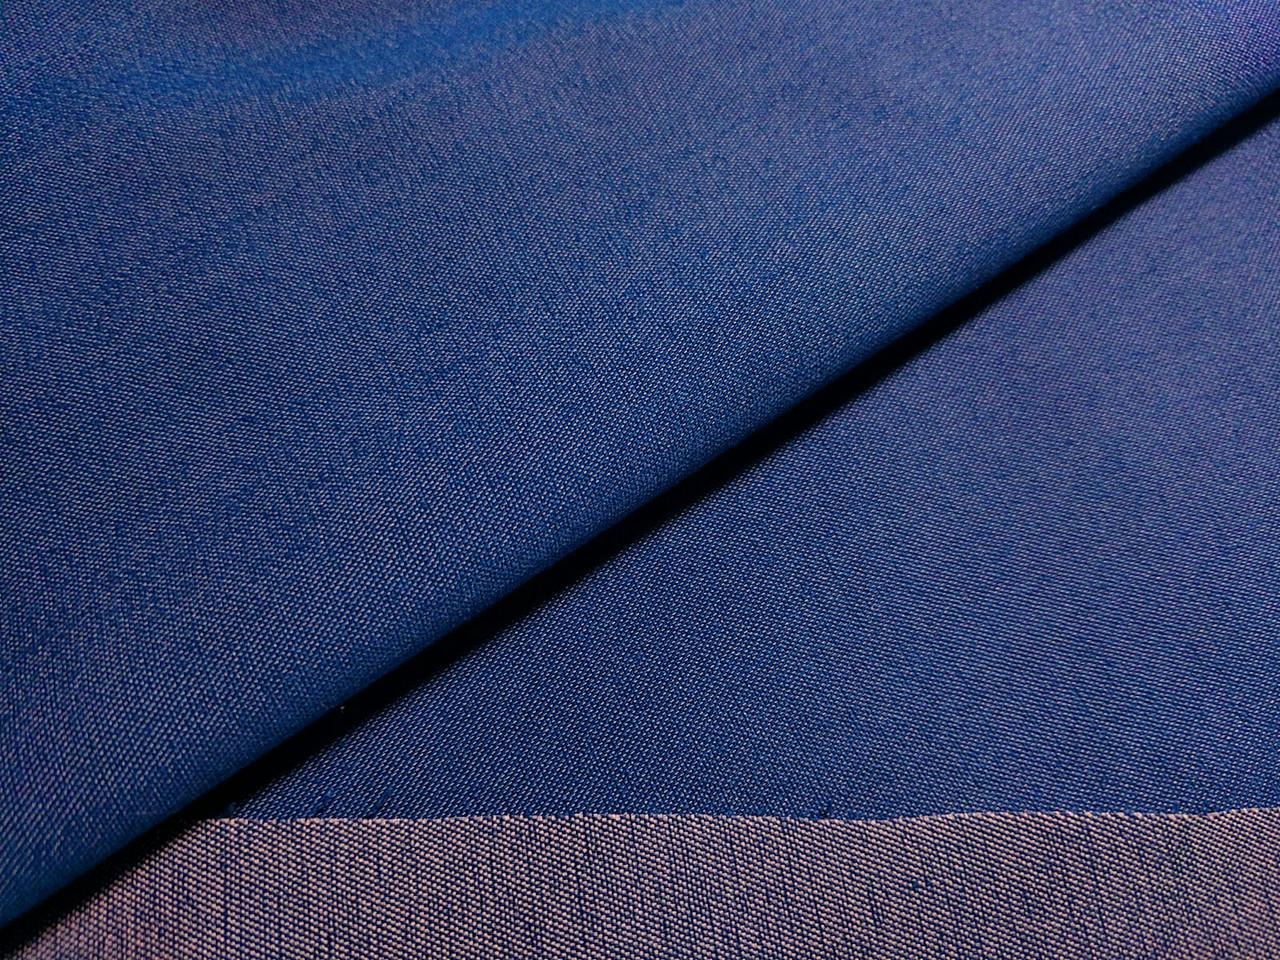 Джинс тенсел полированый, синий